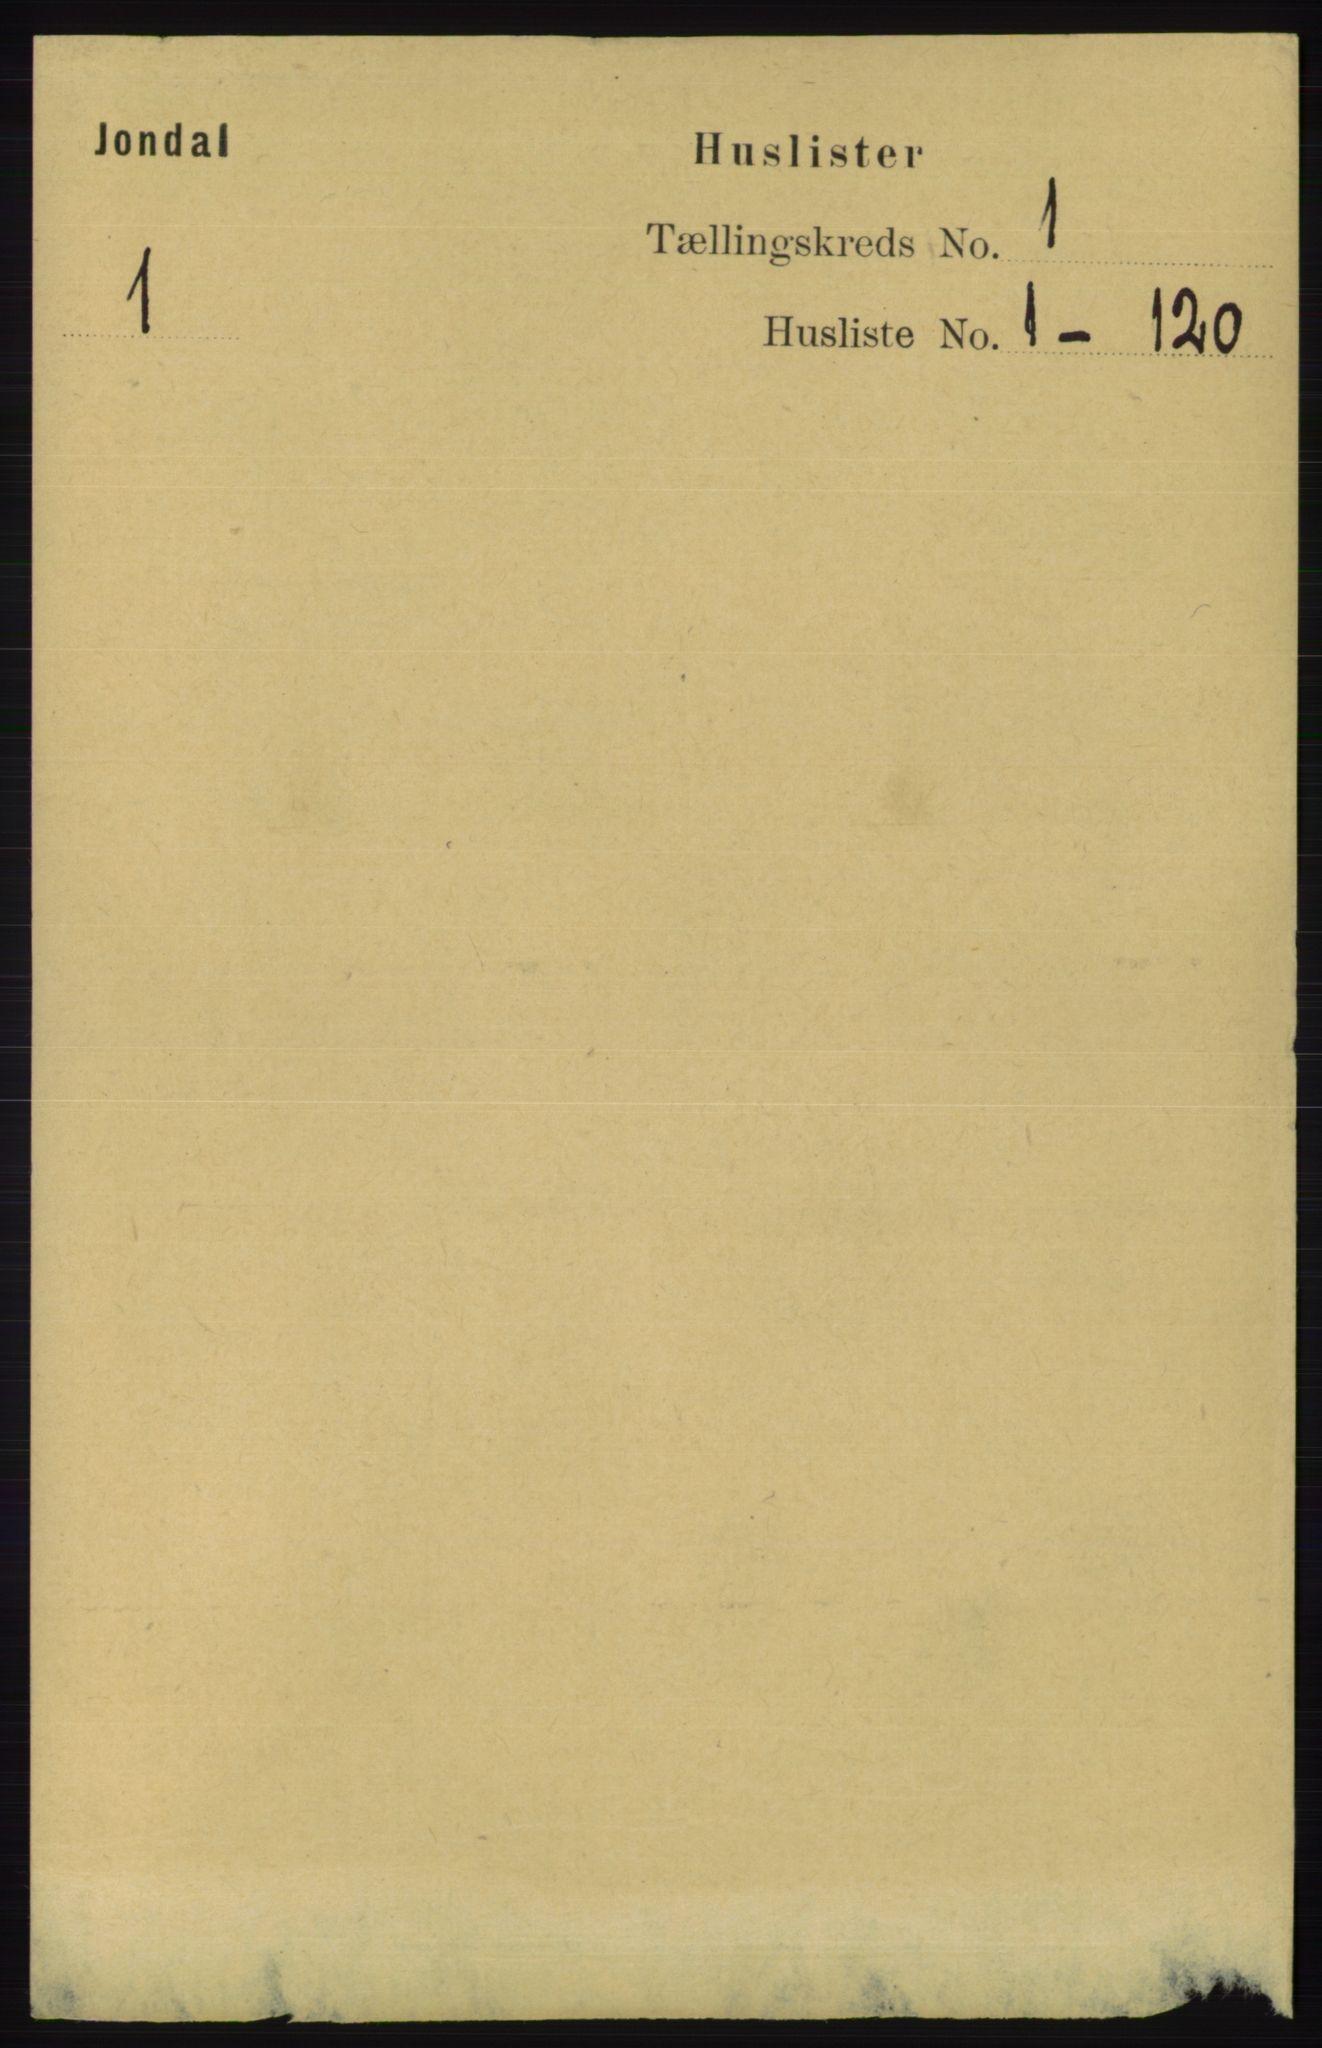 RA, Folketelling 1891 for 1227 Jondal herred, 1891, s. 16